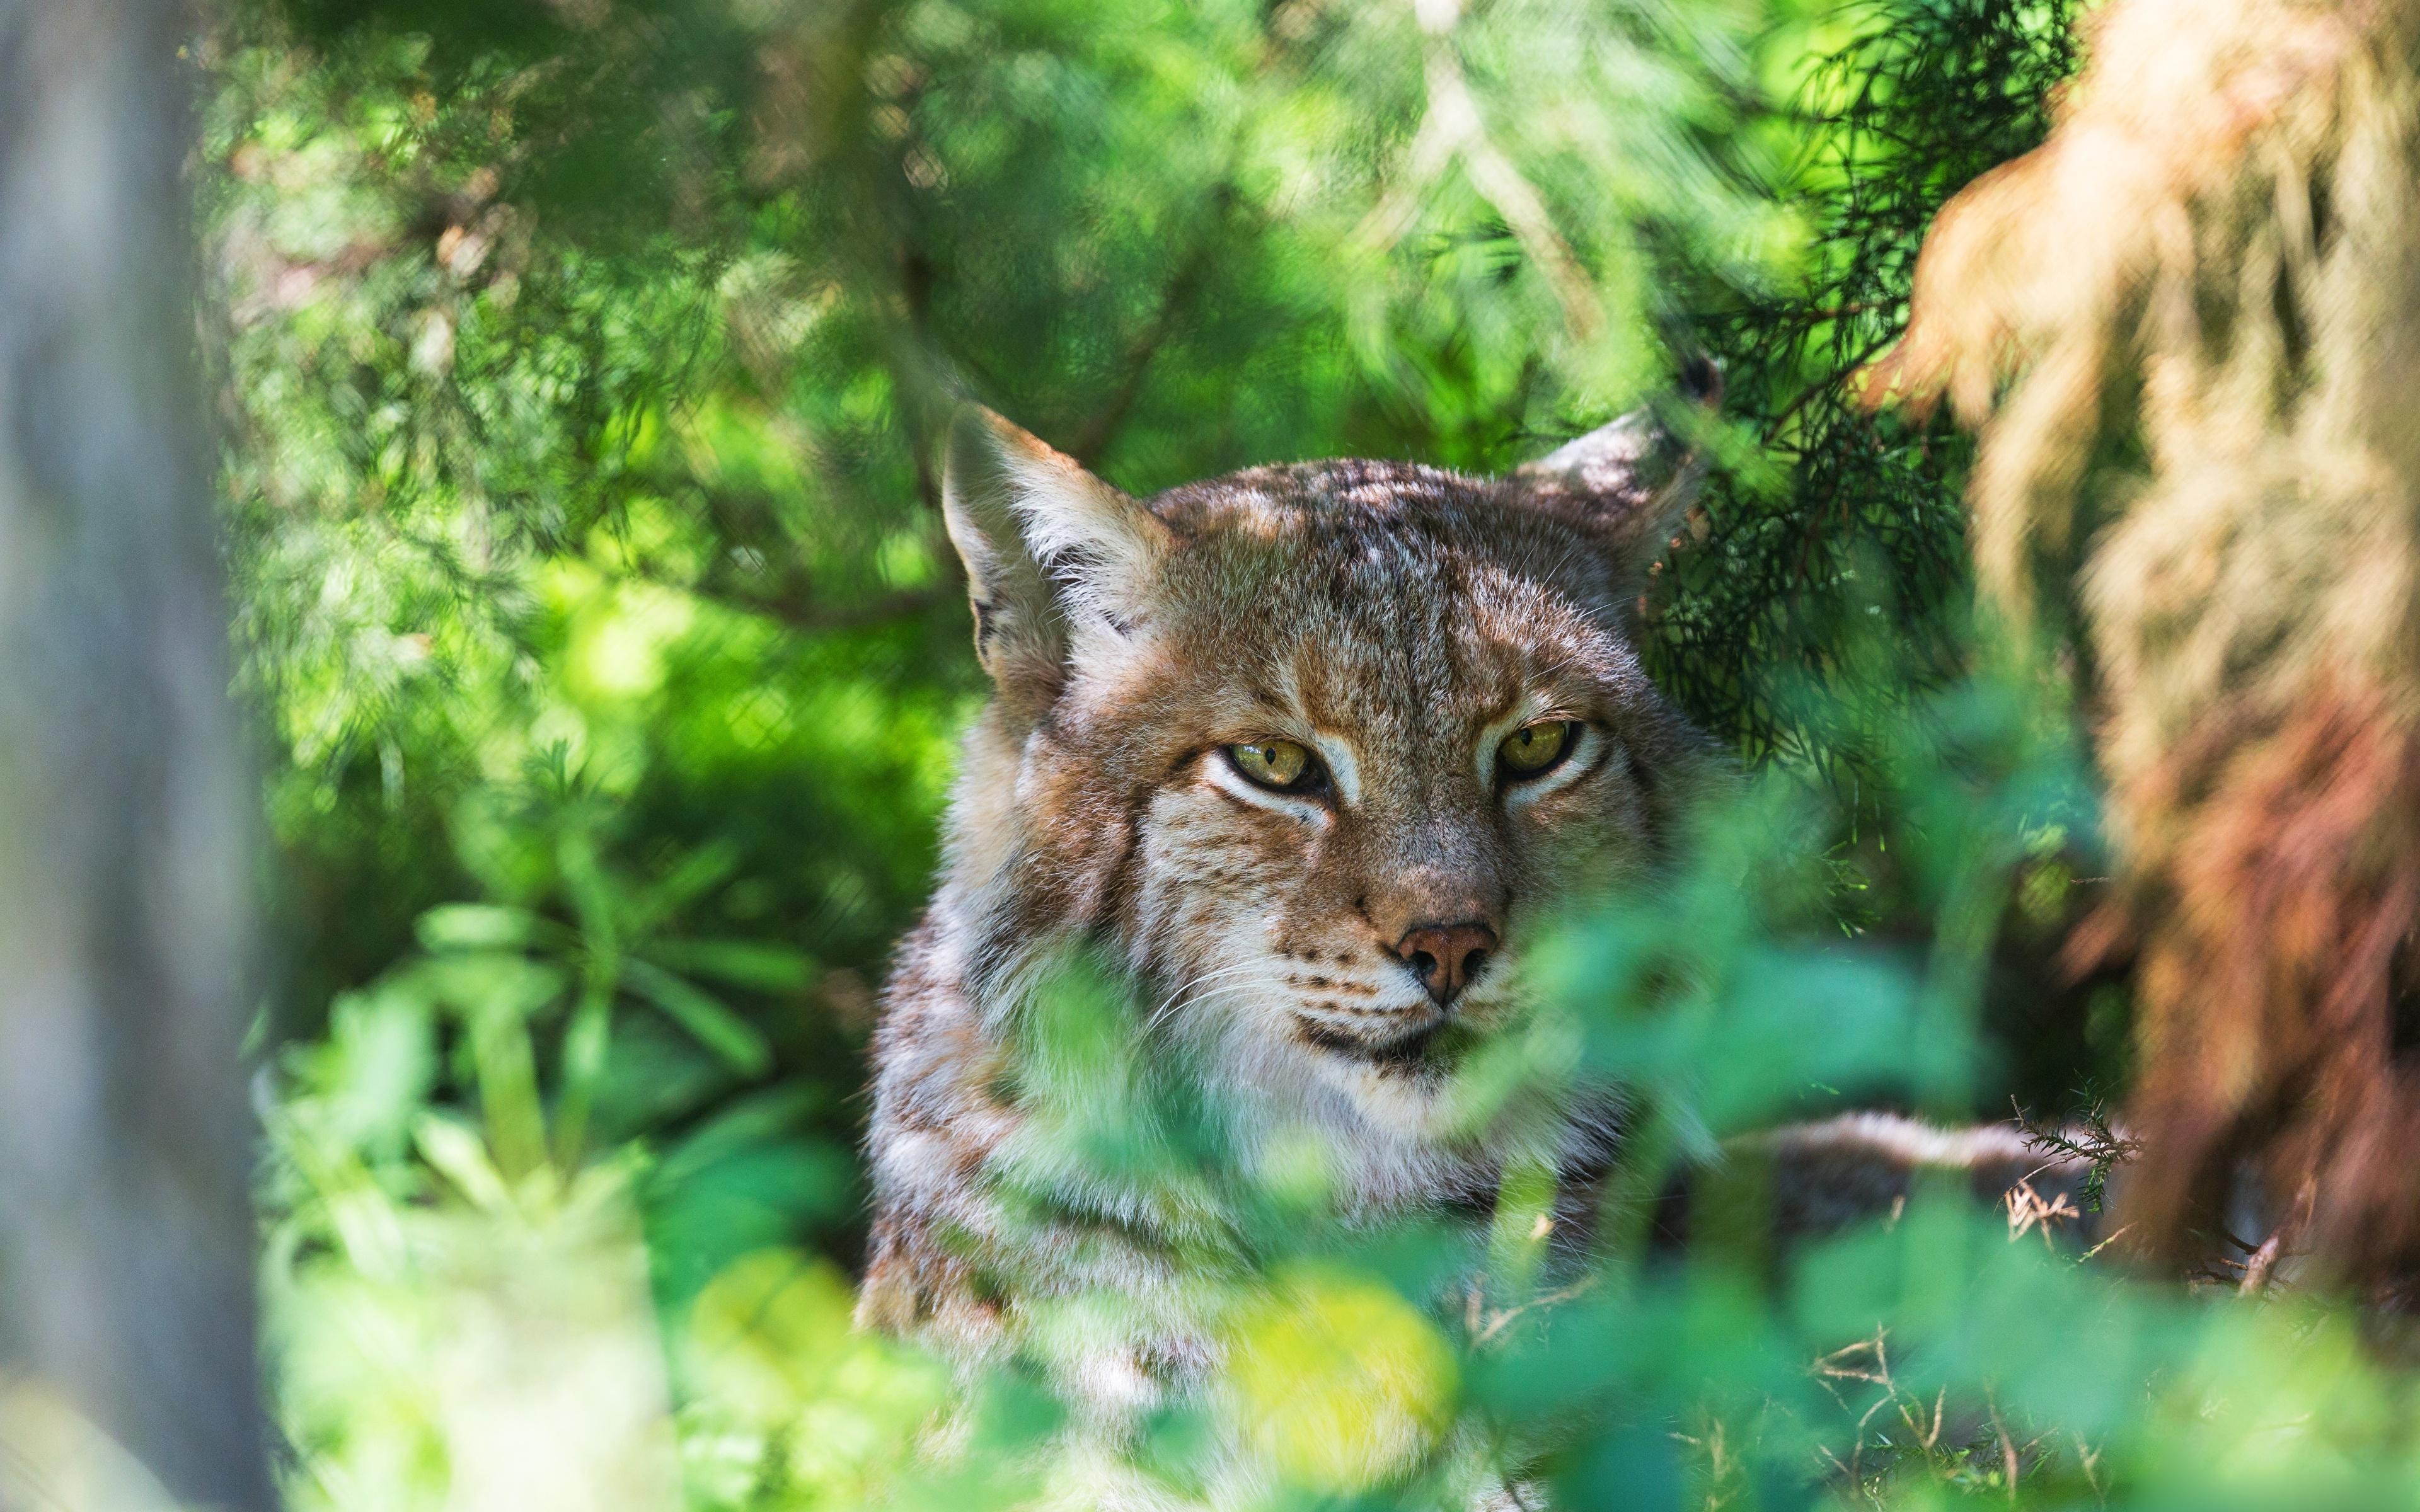 Fotos von Luchse Kopf Tiere Starren 3840x2400 Blick ein Tier